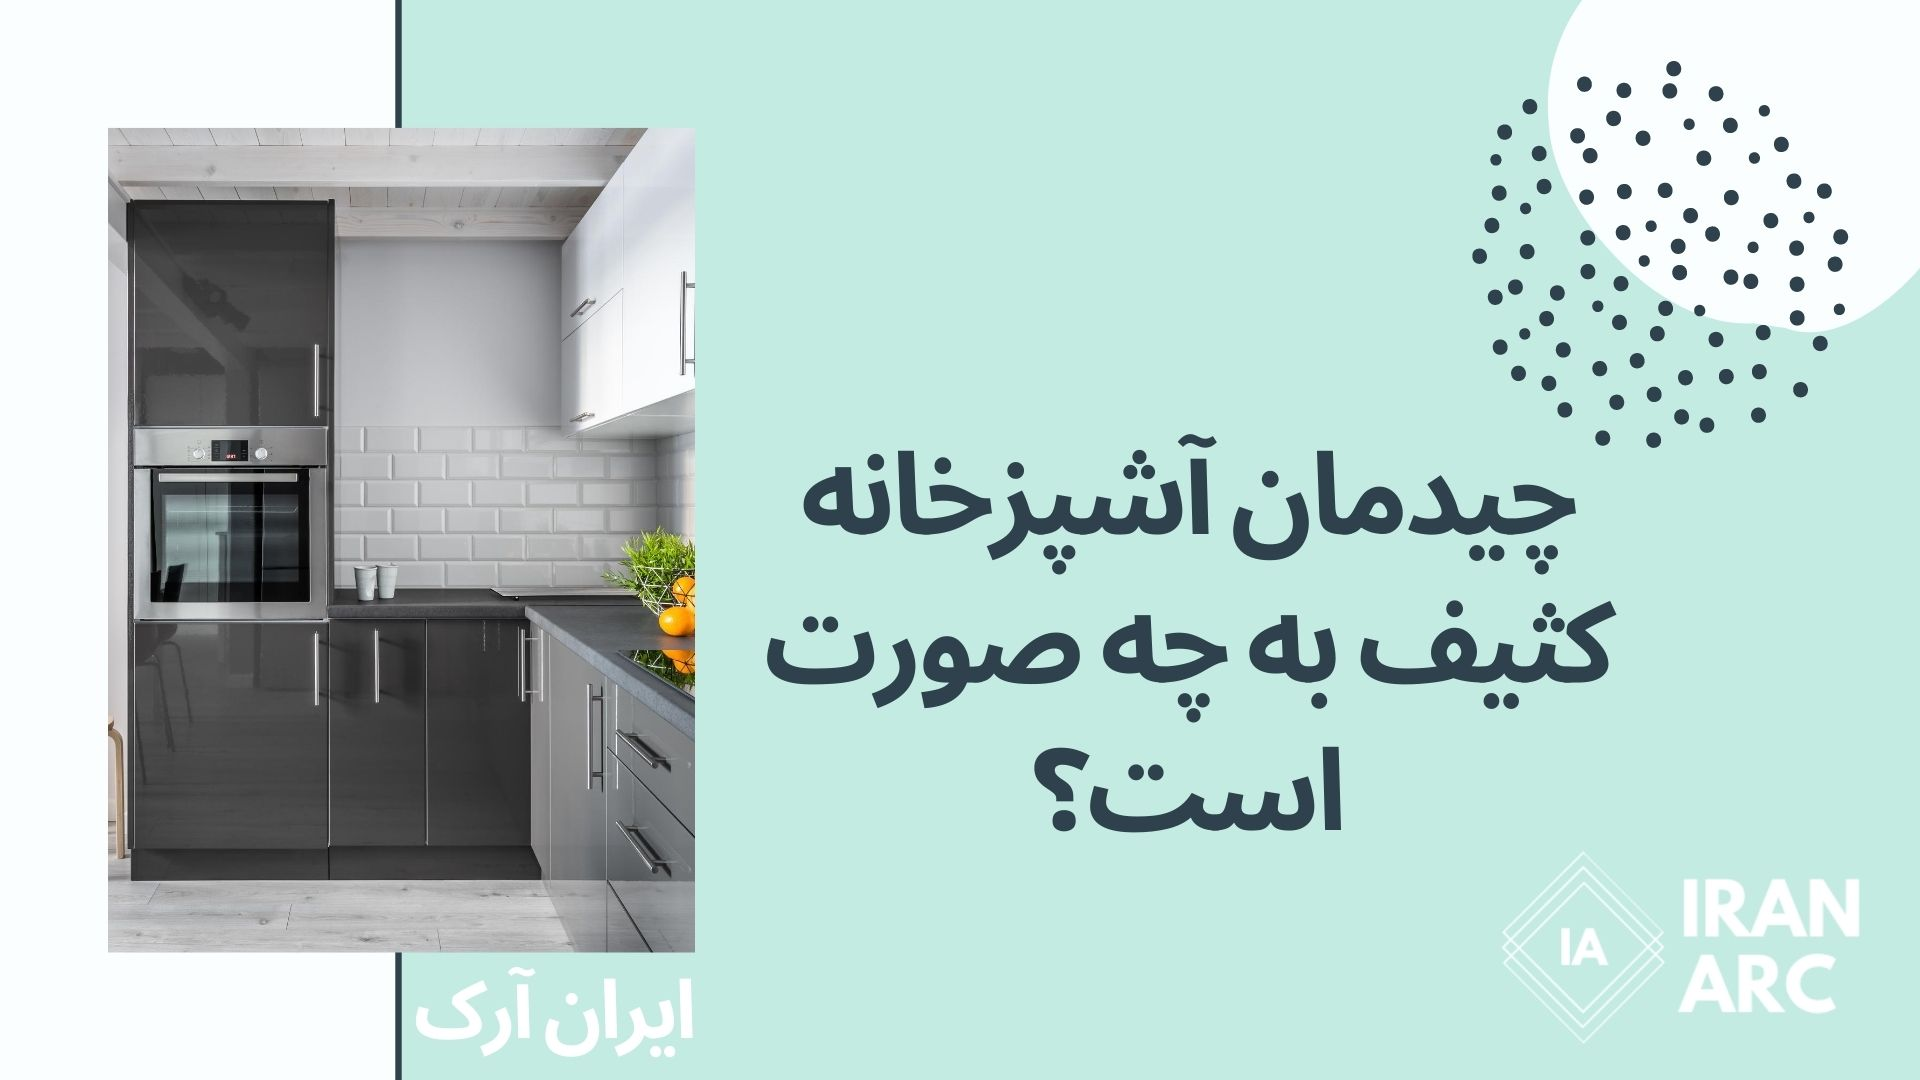 چیدمان آشپزخانه کثیف به چه صورت است؟